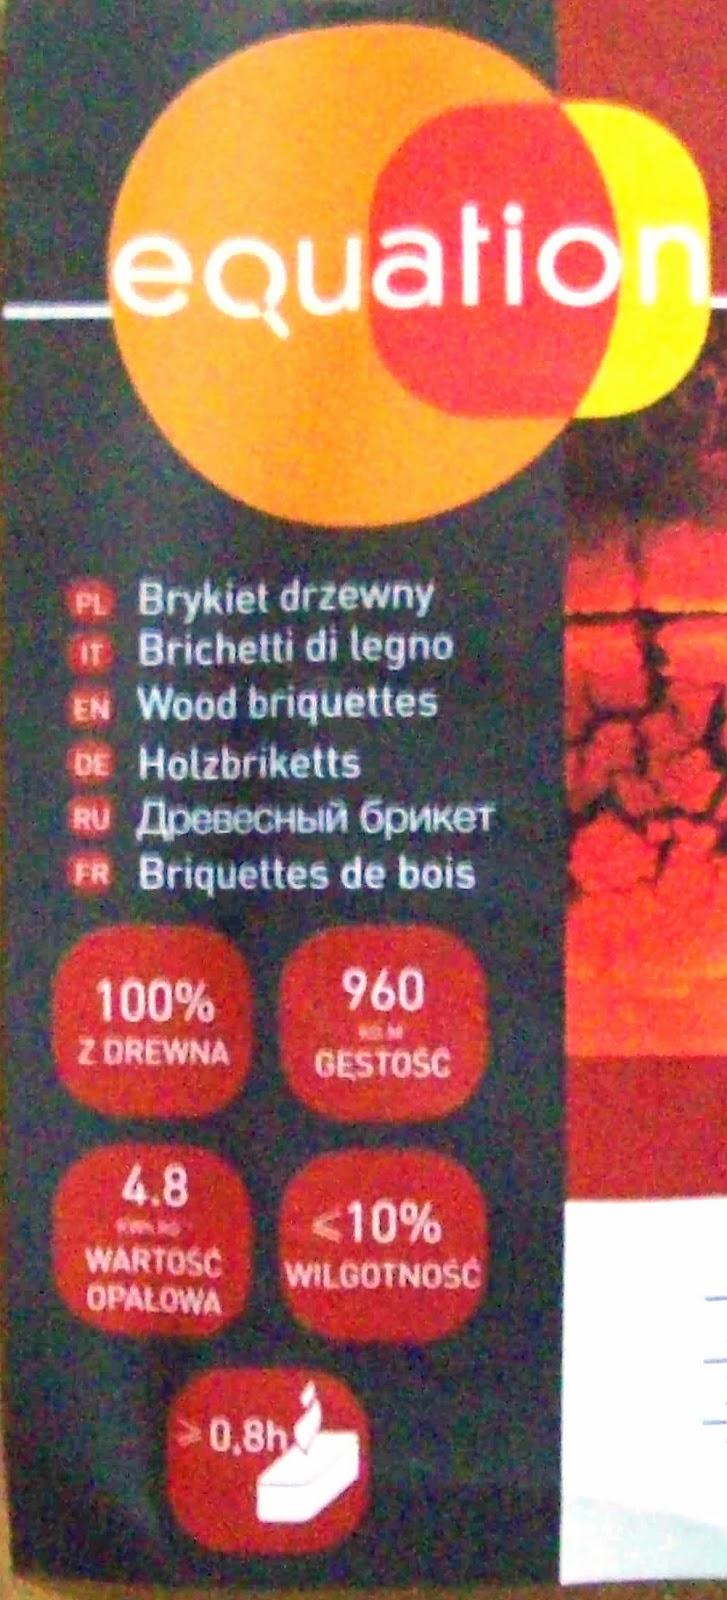 Brykiet Drzewny EQUATION